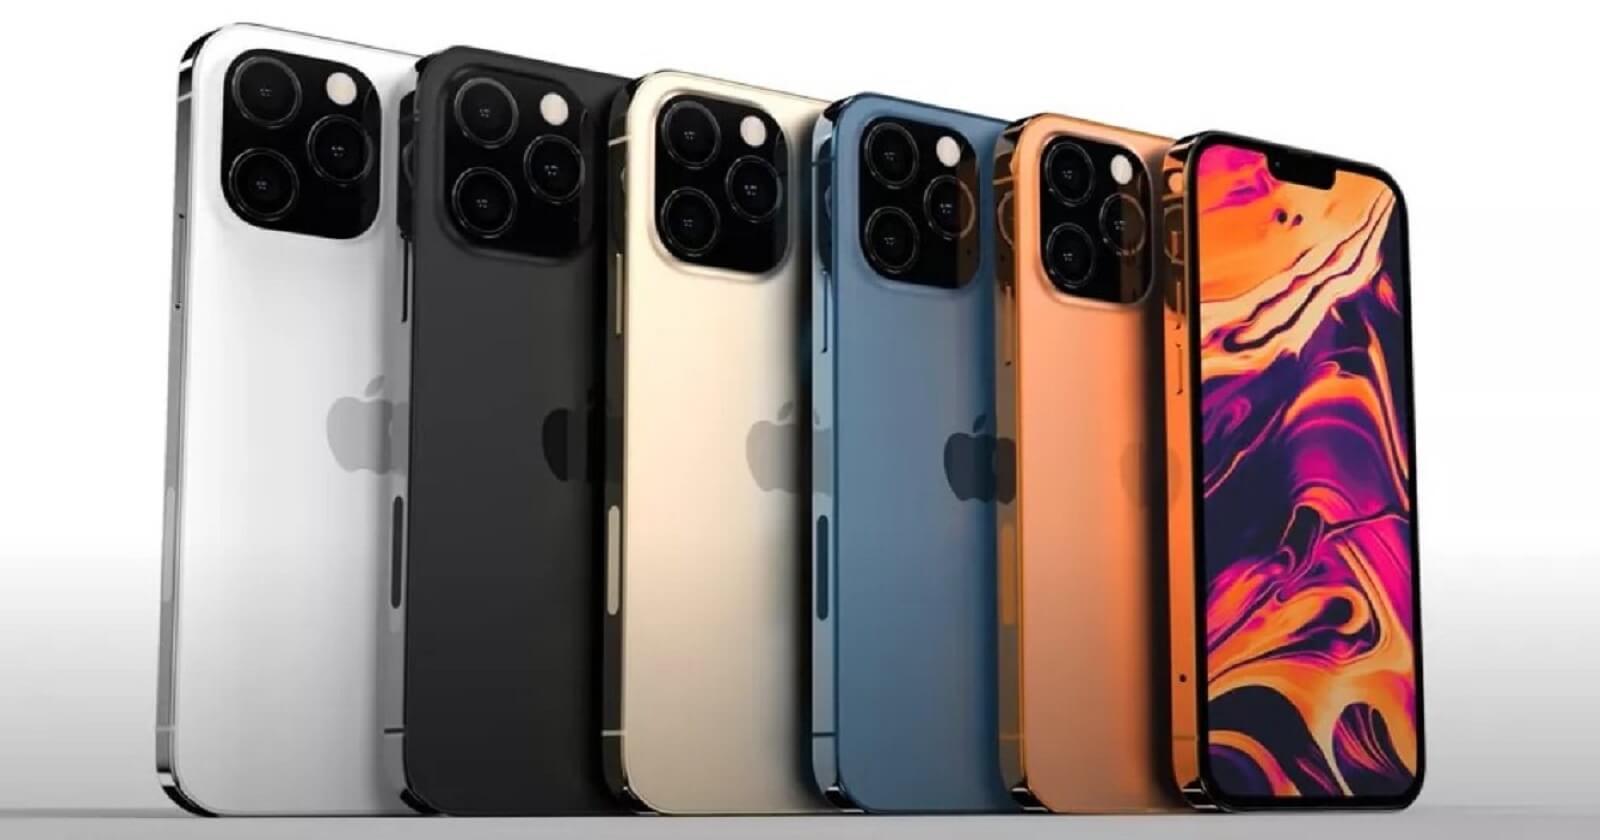 iphone-13-ailesiyle-ilgili-yeni-bilgiler-paylasildi2